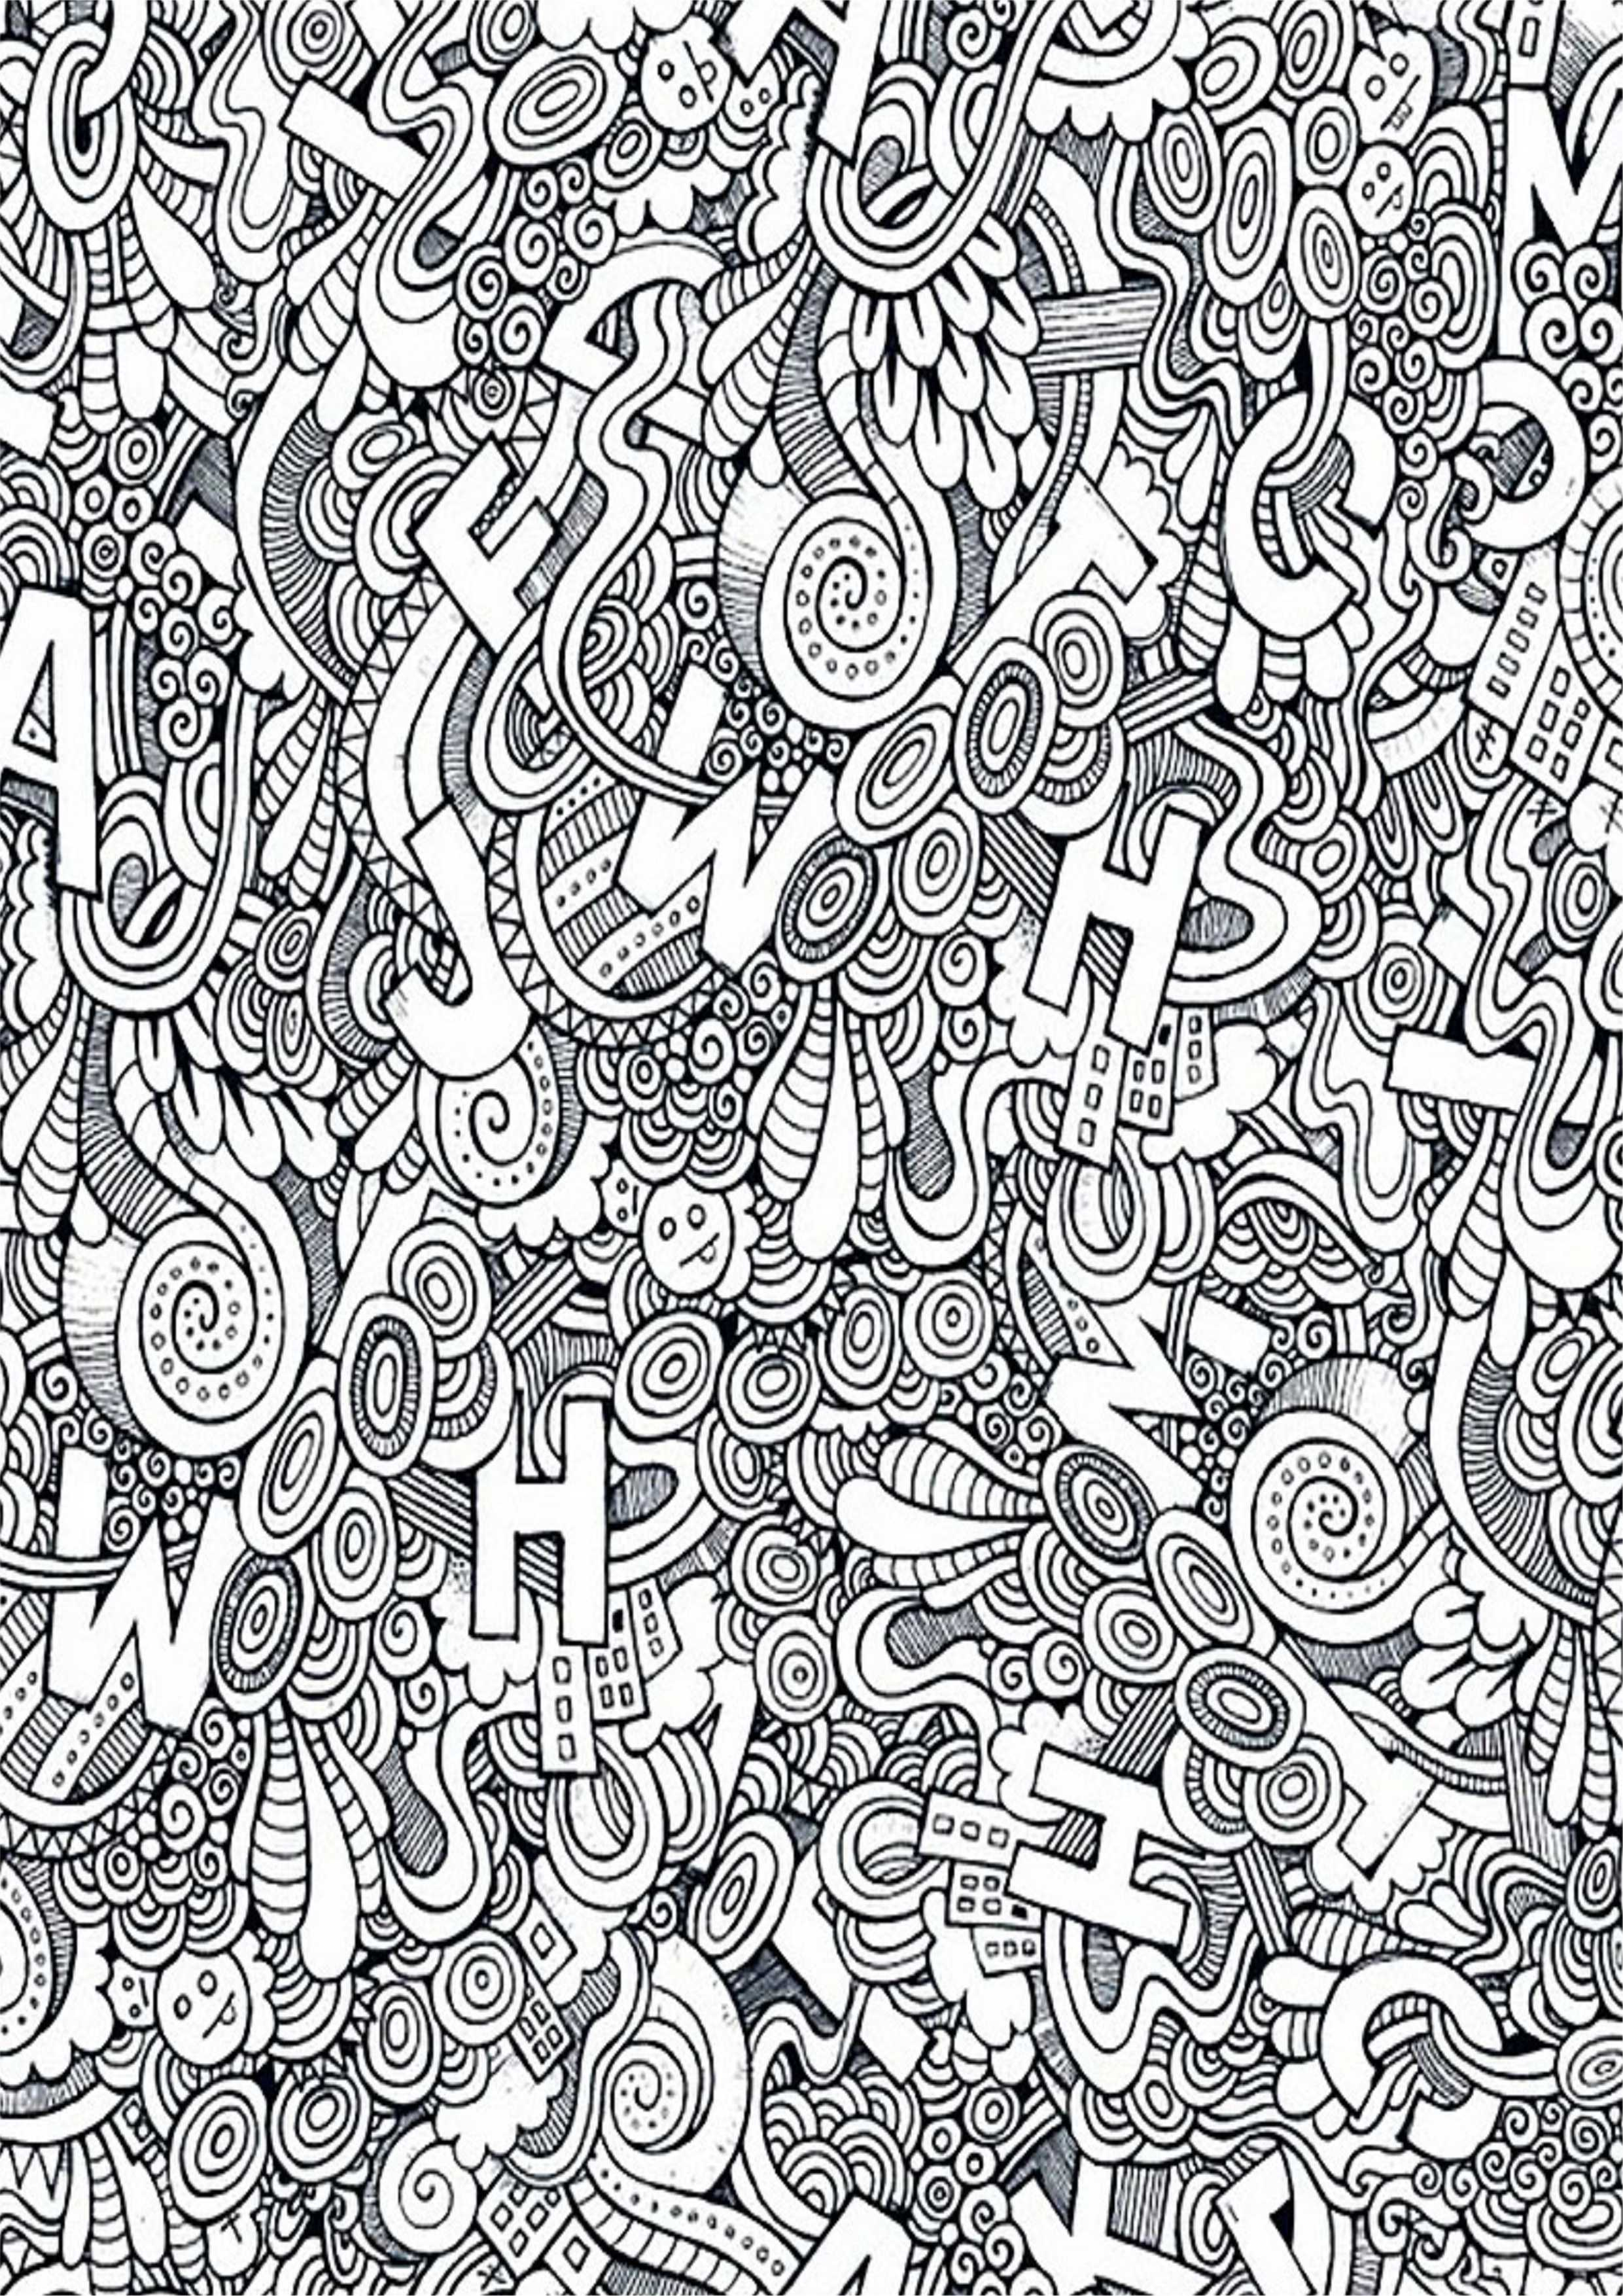 раскраска антистресс буквы и узоры раскраски а4 формата